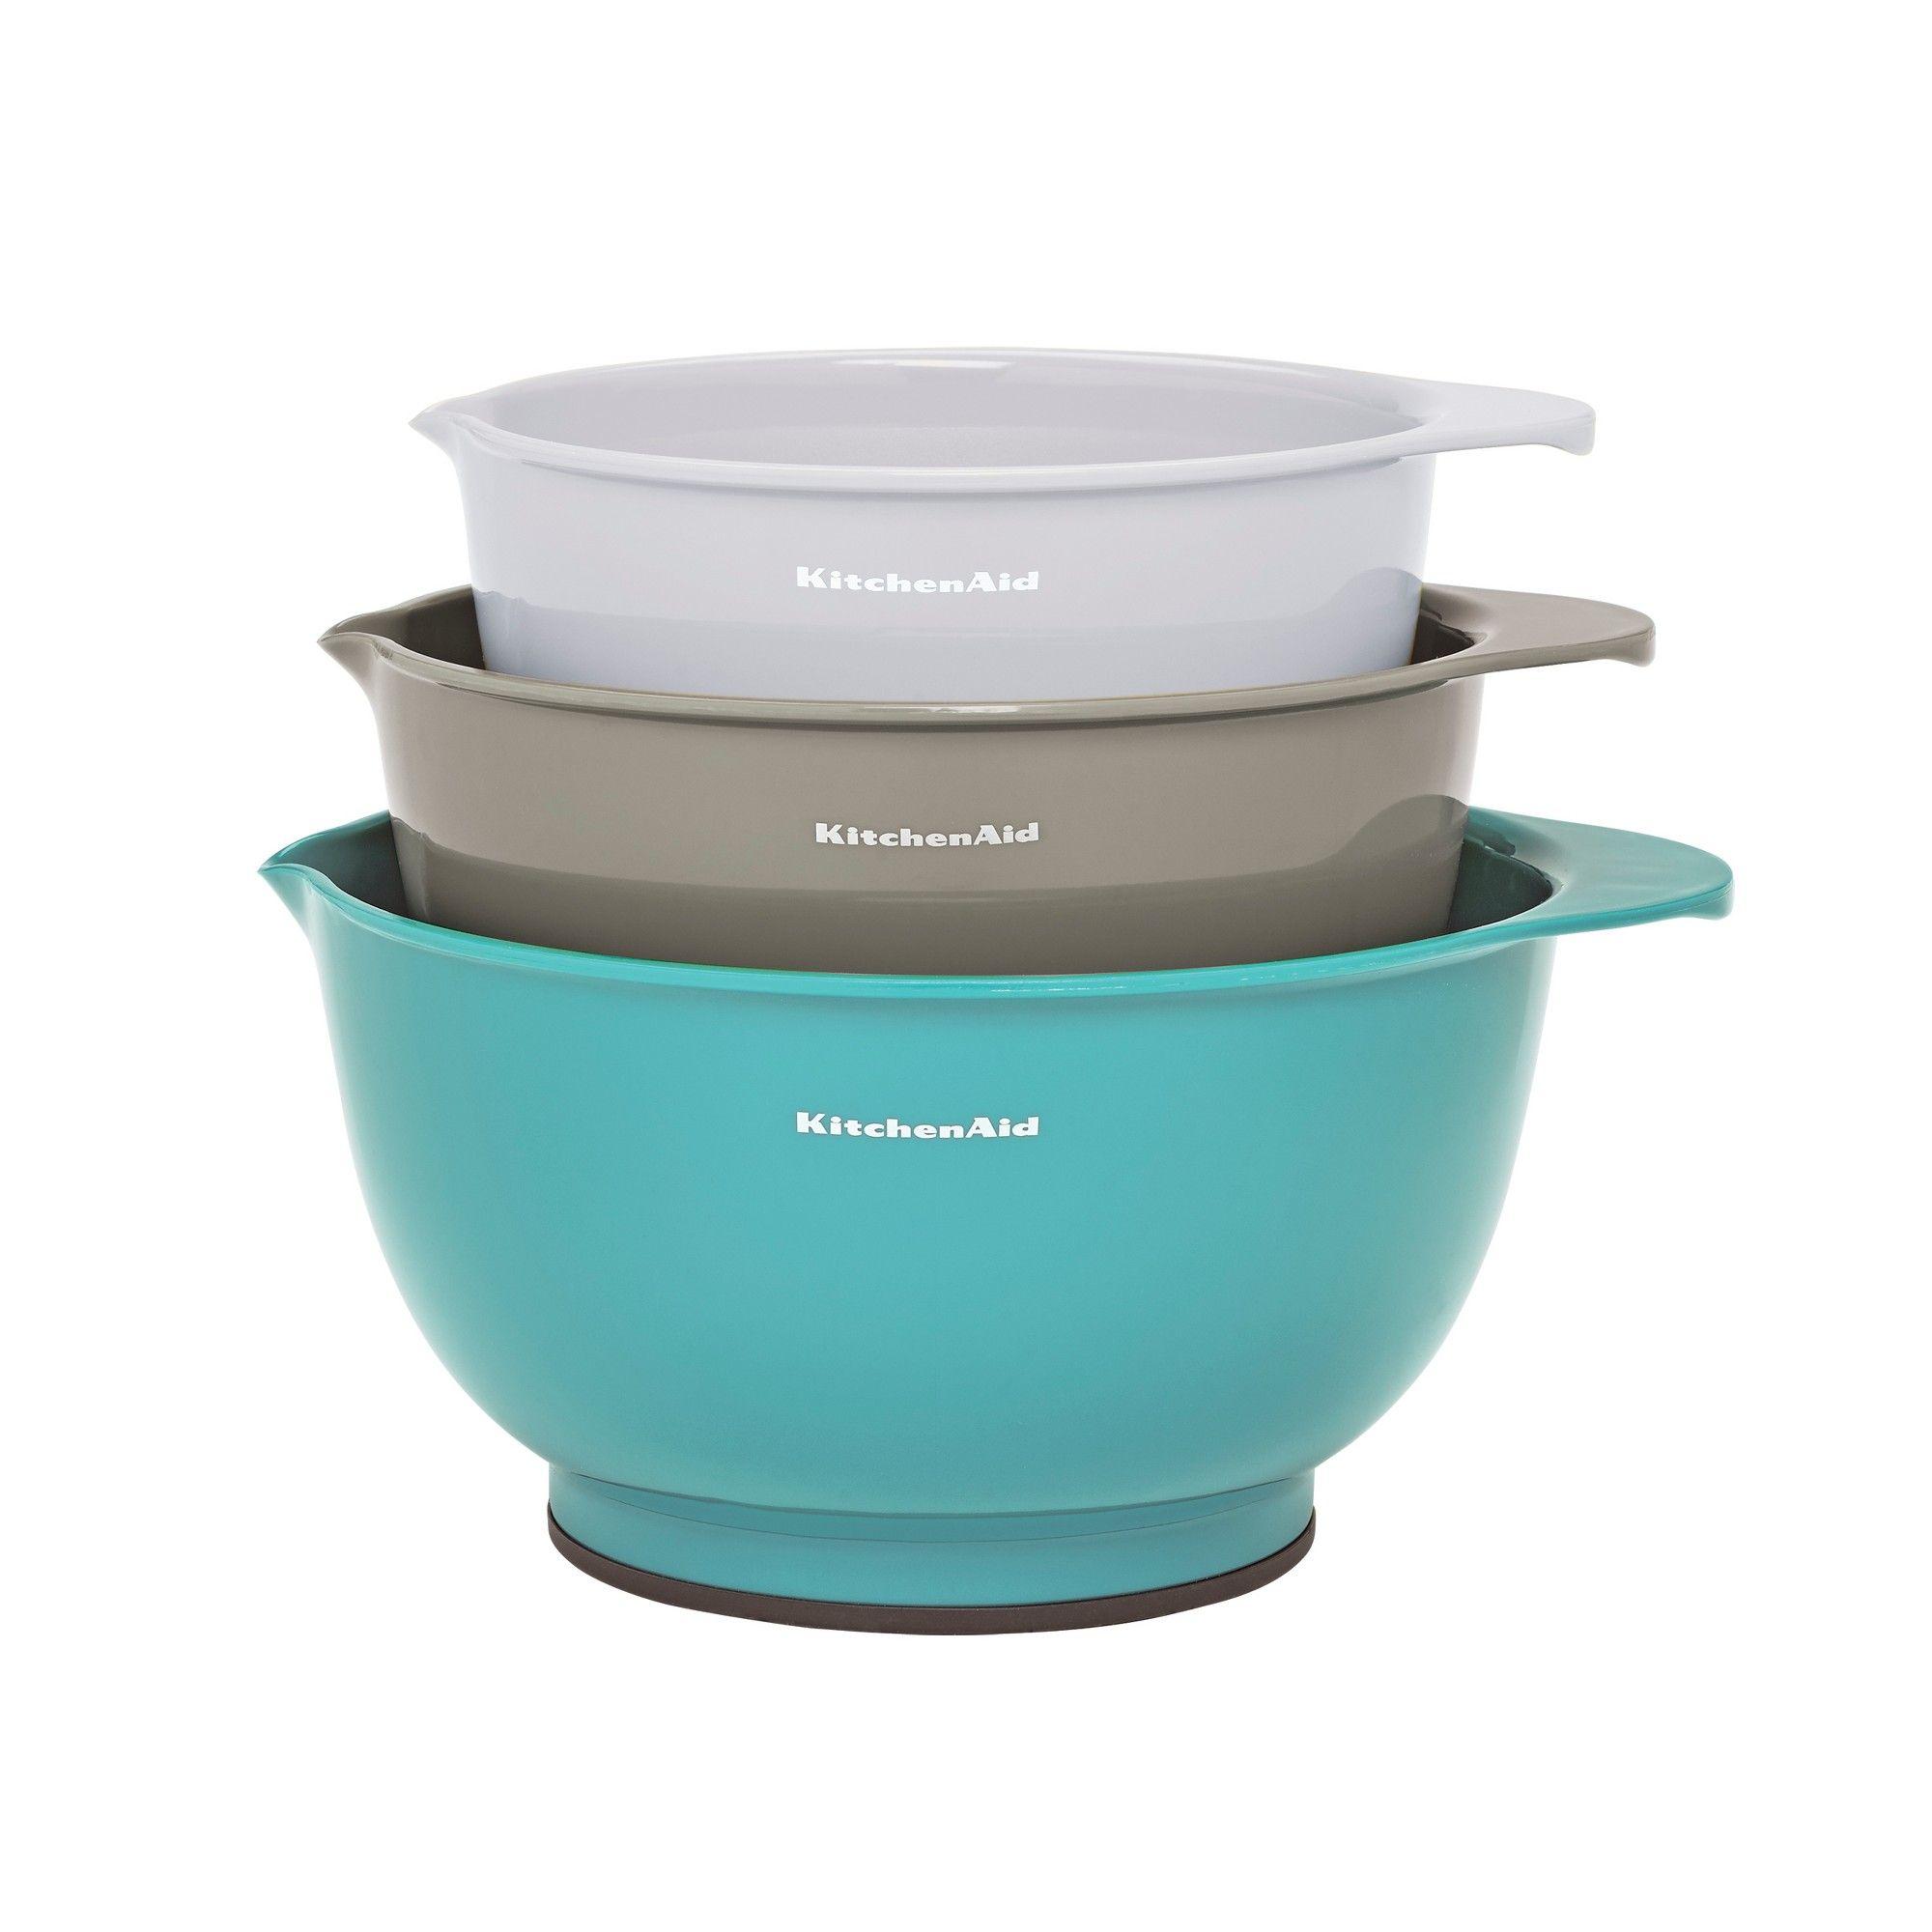 Kitchenaid 3pk mixing bowls blue mixing bowls mixing